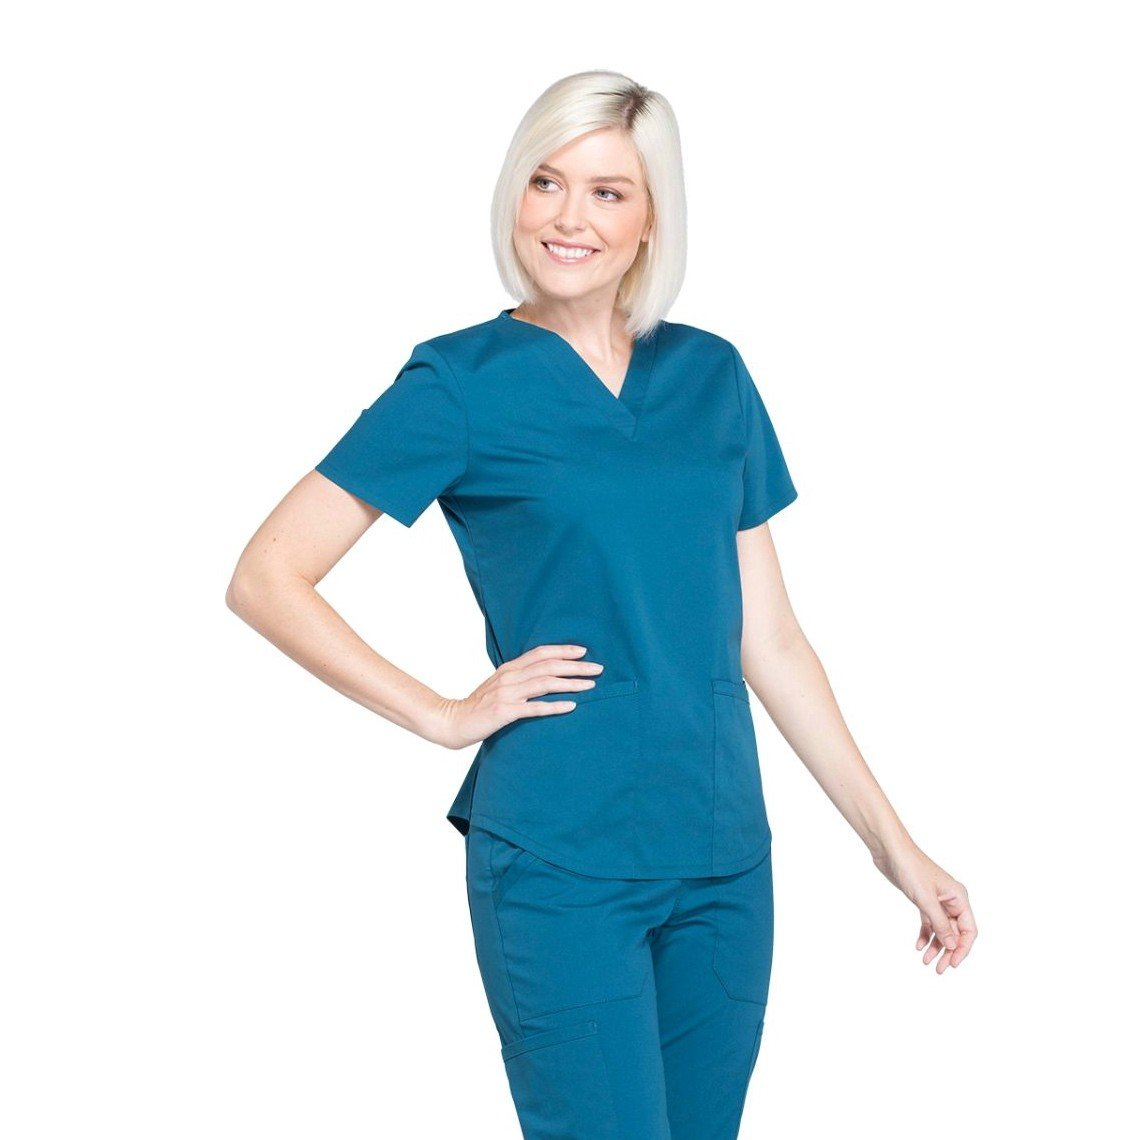 Женский медицинский костюм Professionals цвет морская волна